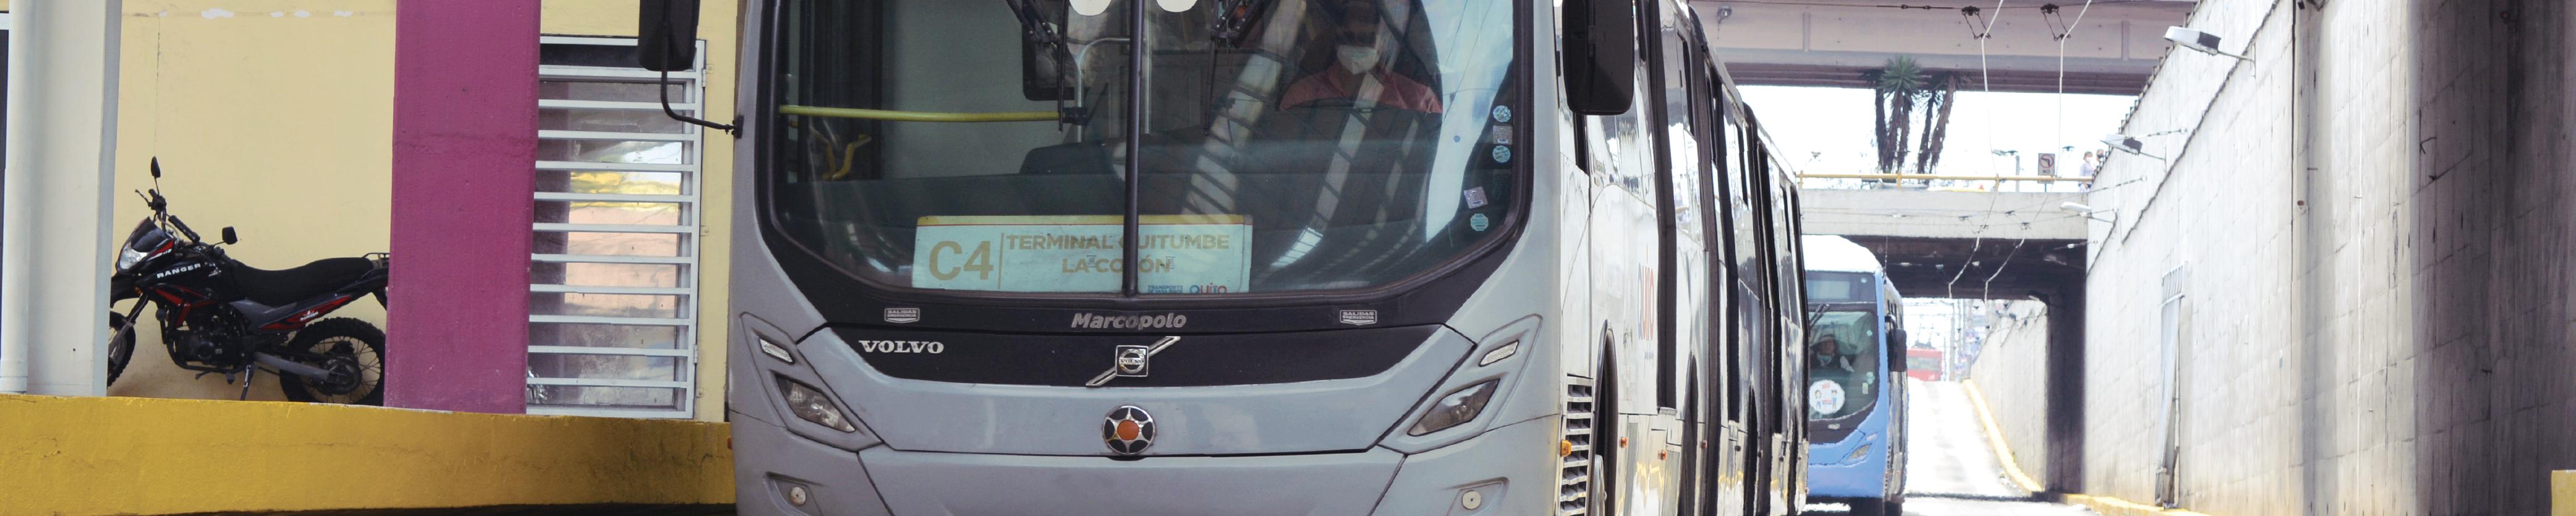 Cerca de un millón para modernizar el Sistema de Transporte de Quito